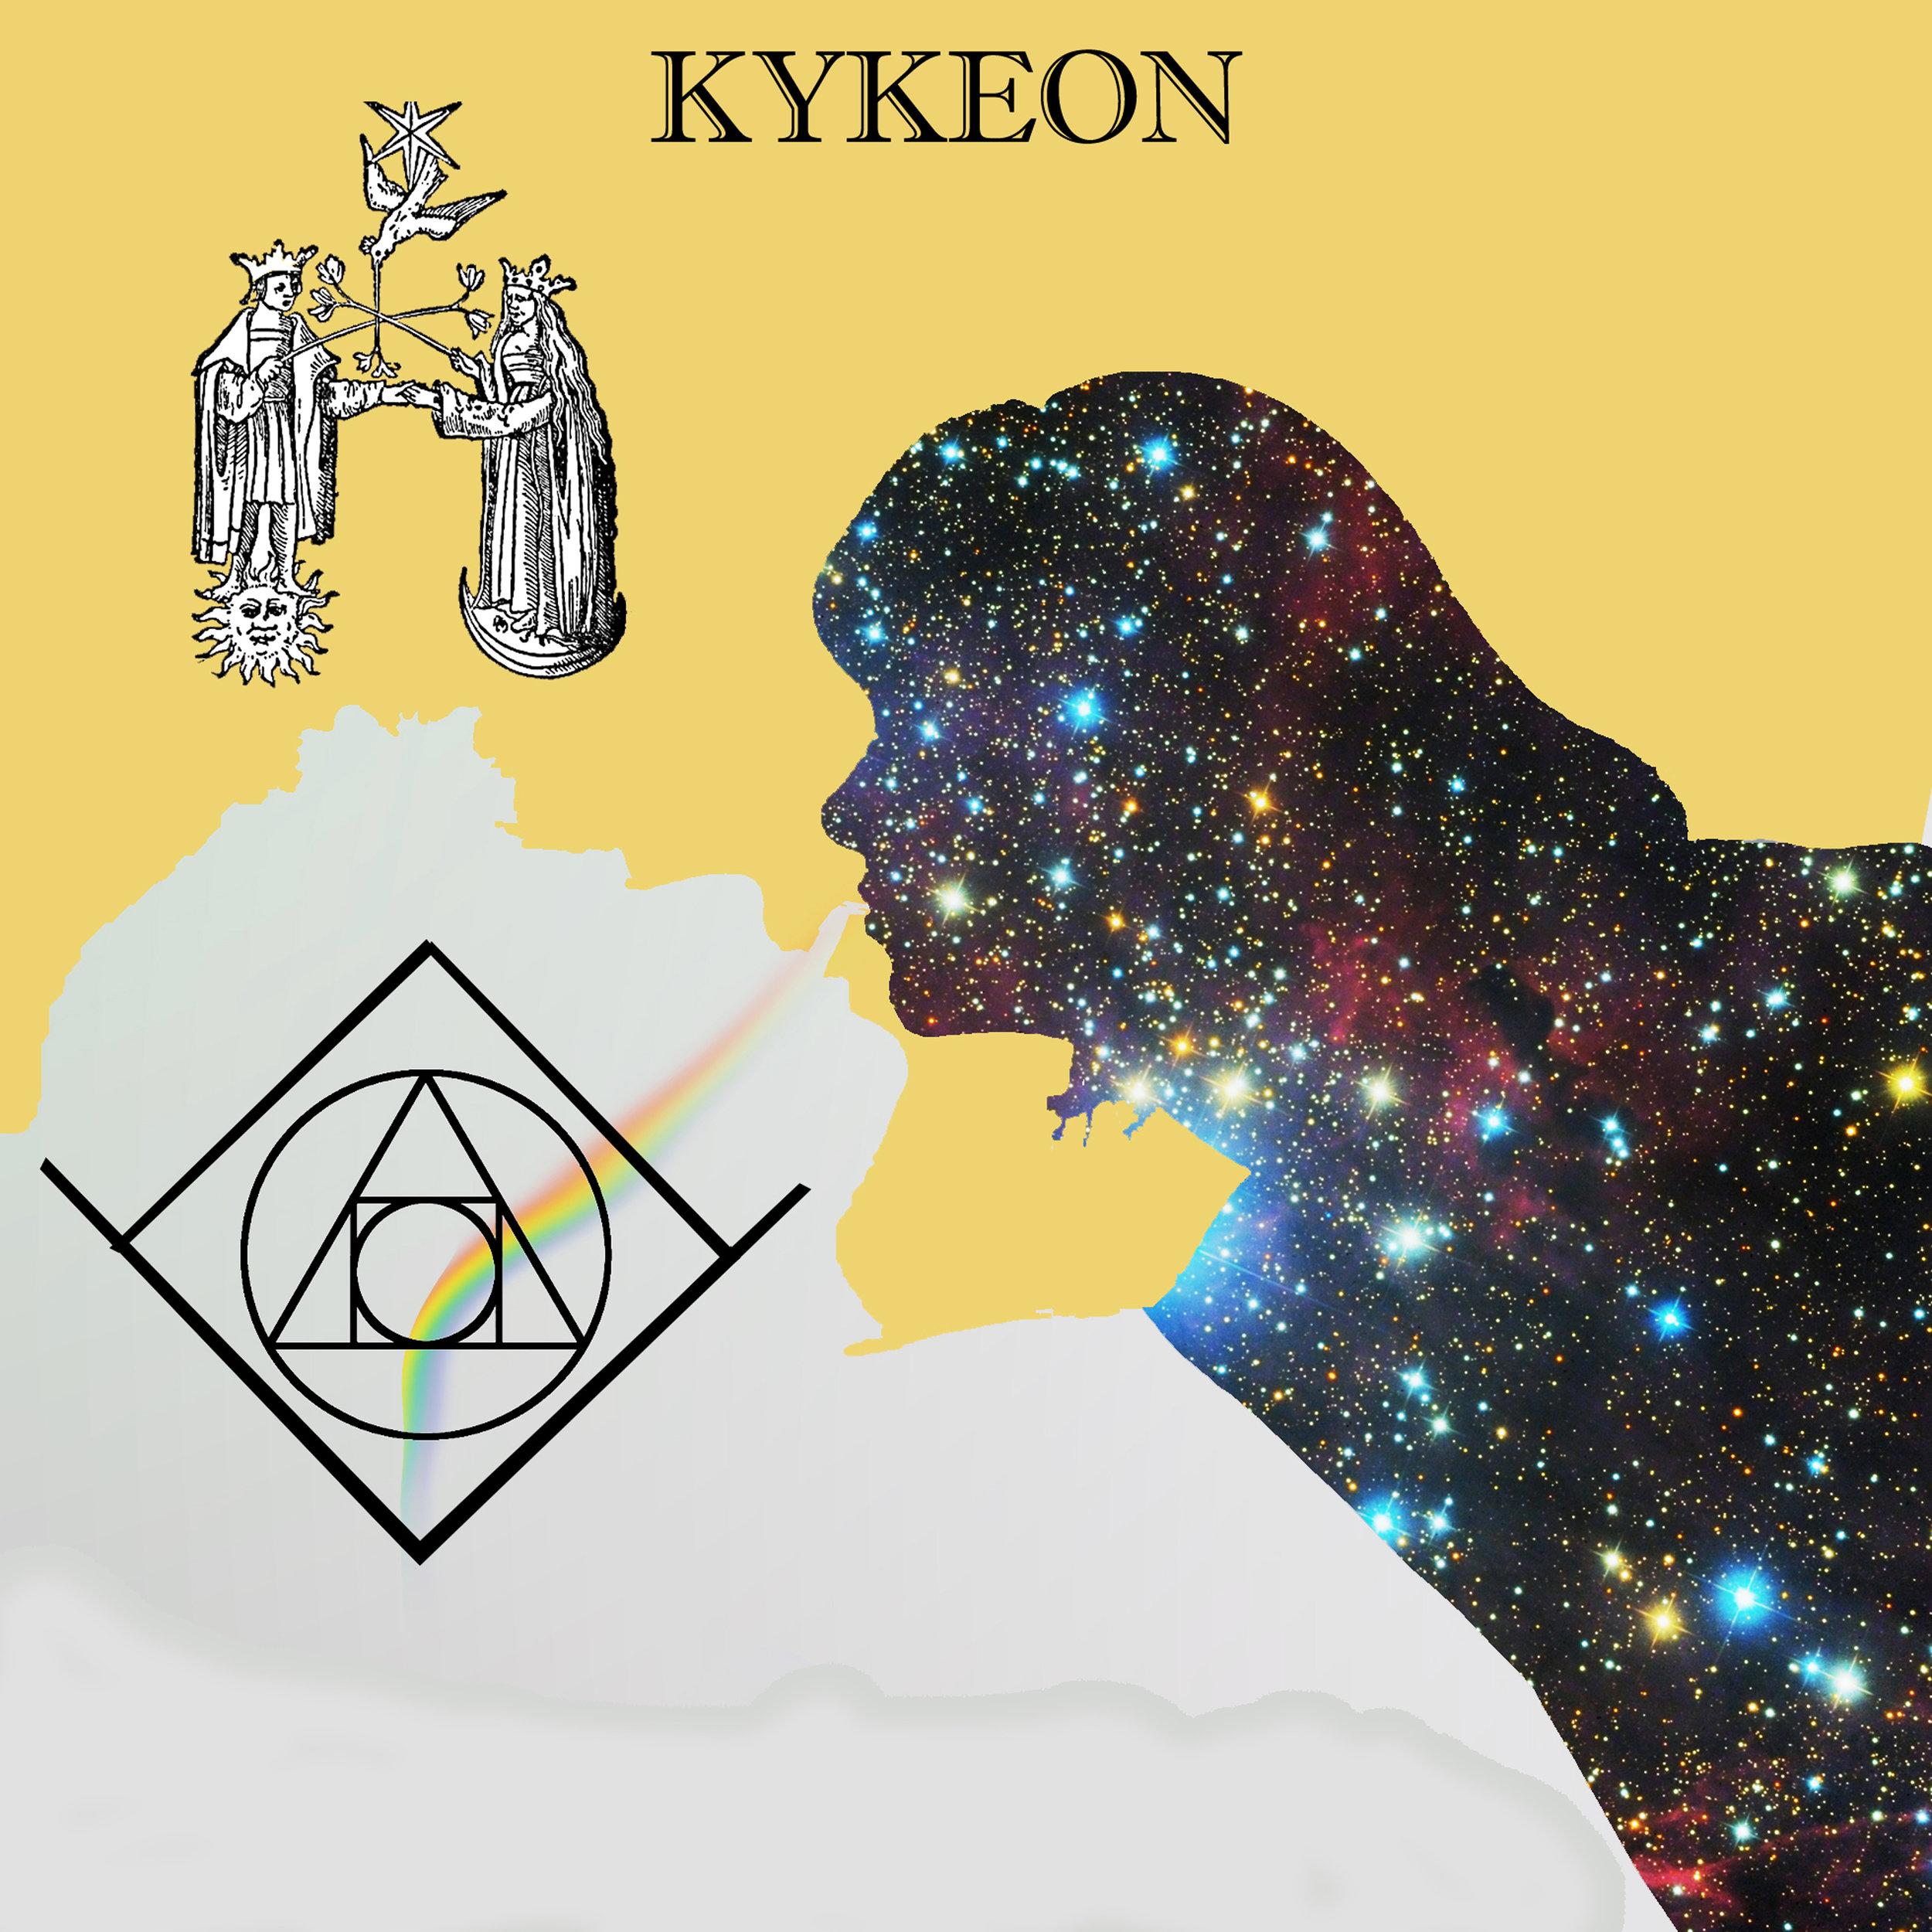 KYKEON-ALBUM-ART.jpg